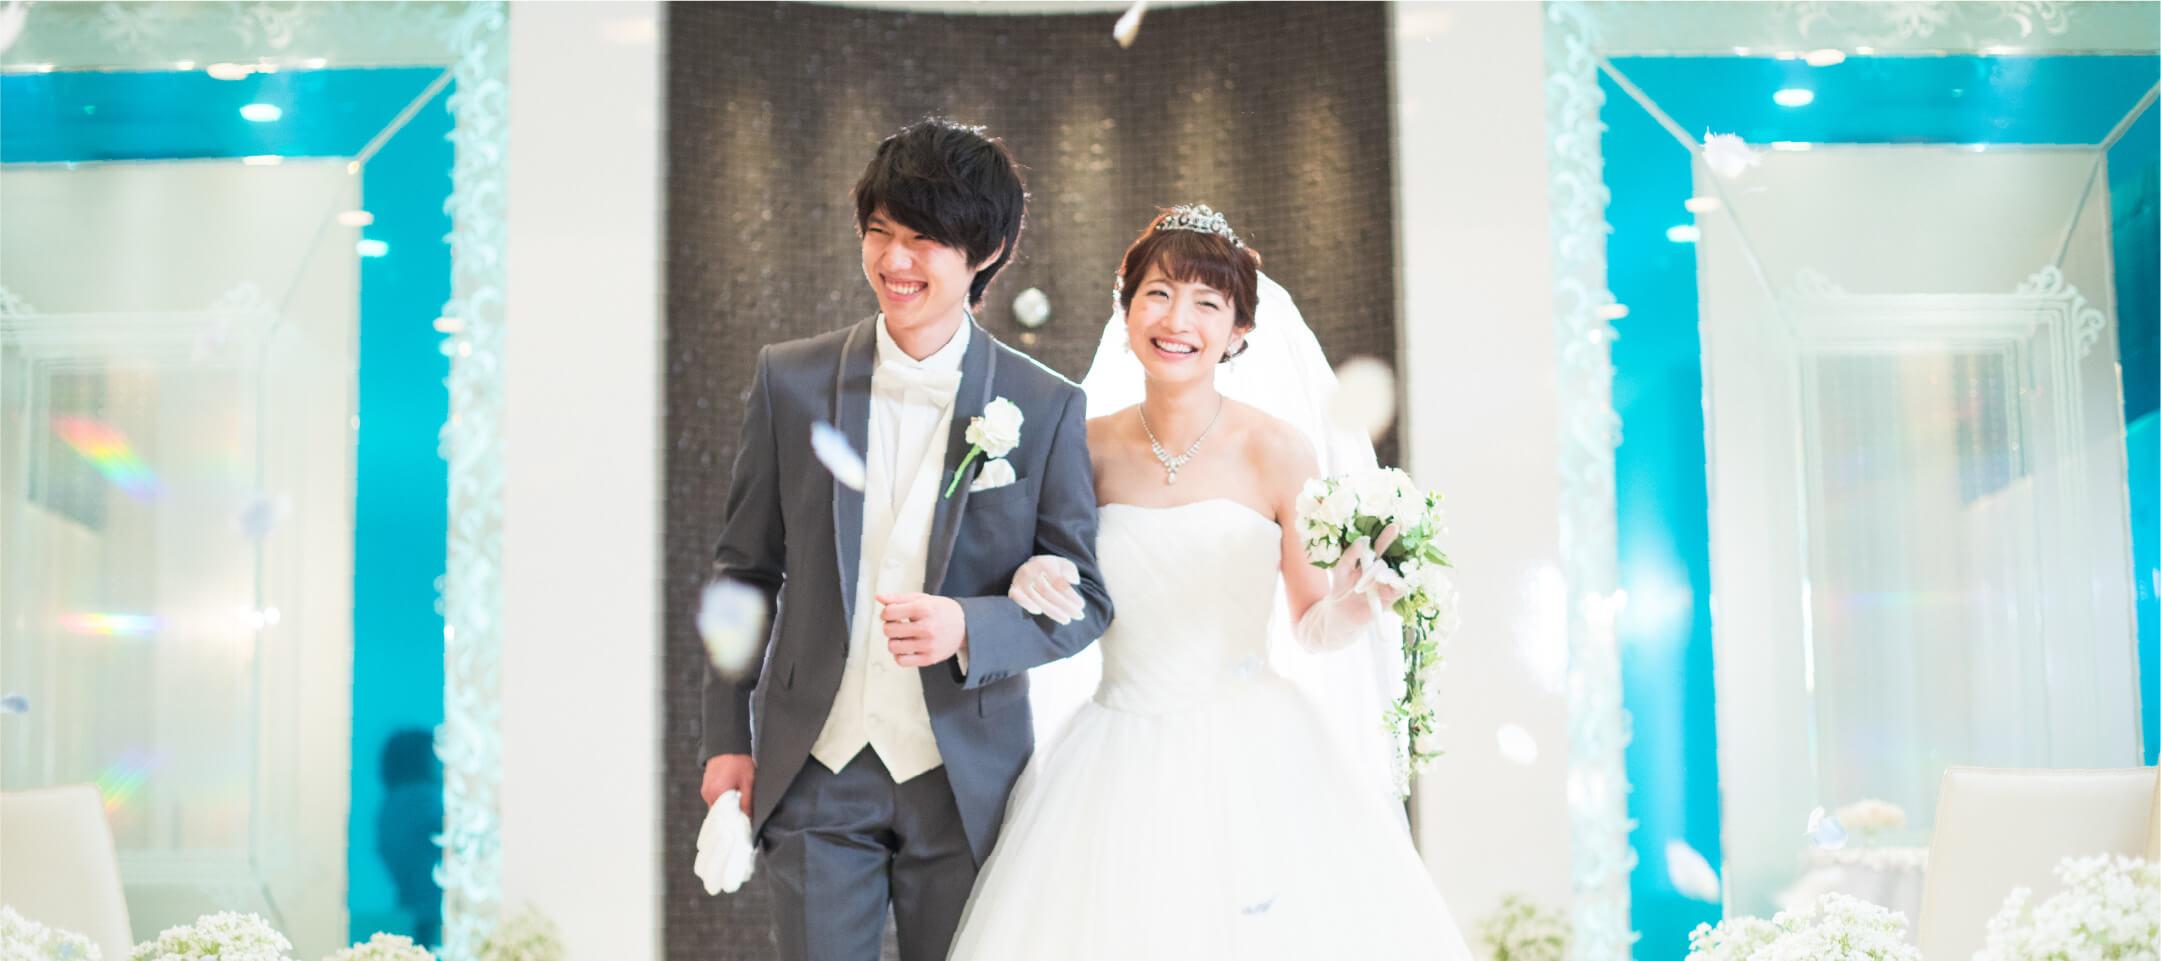 挙式のみ小さな結婚式